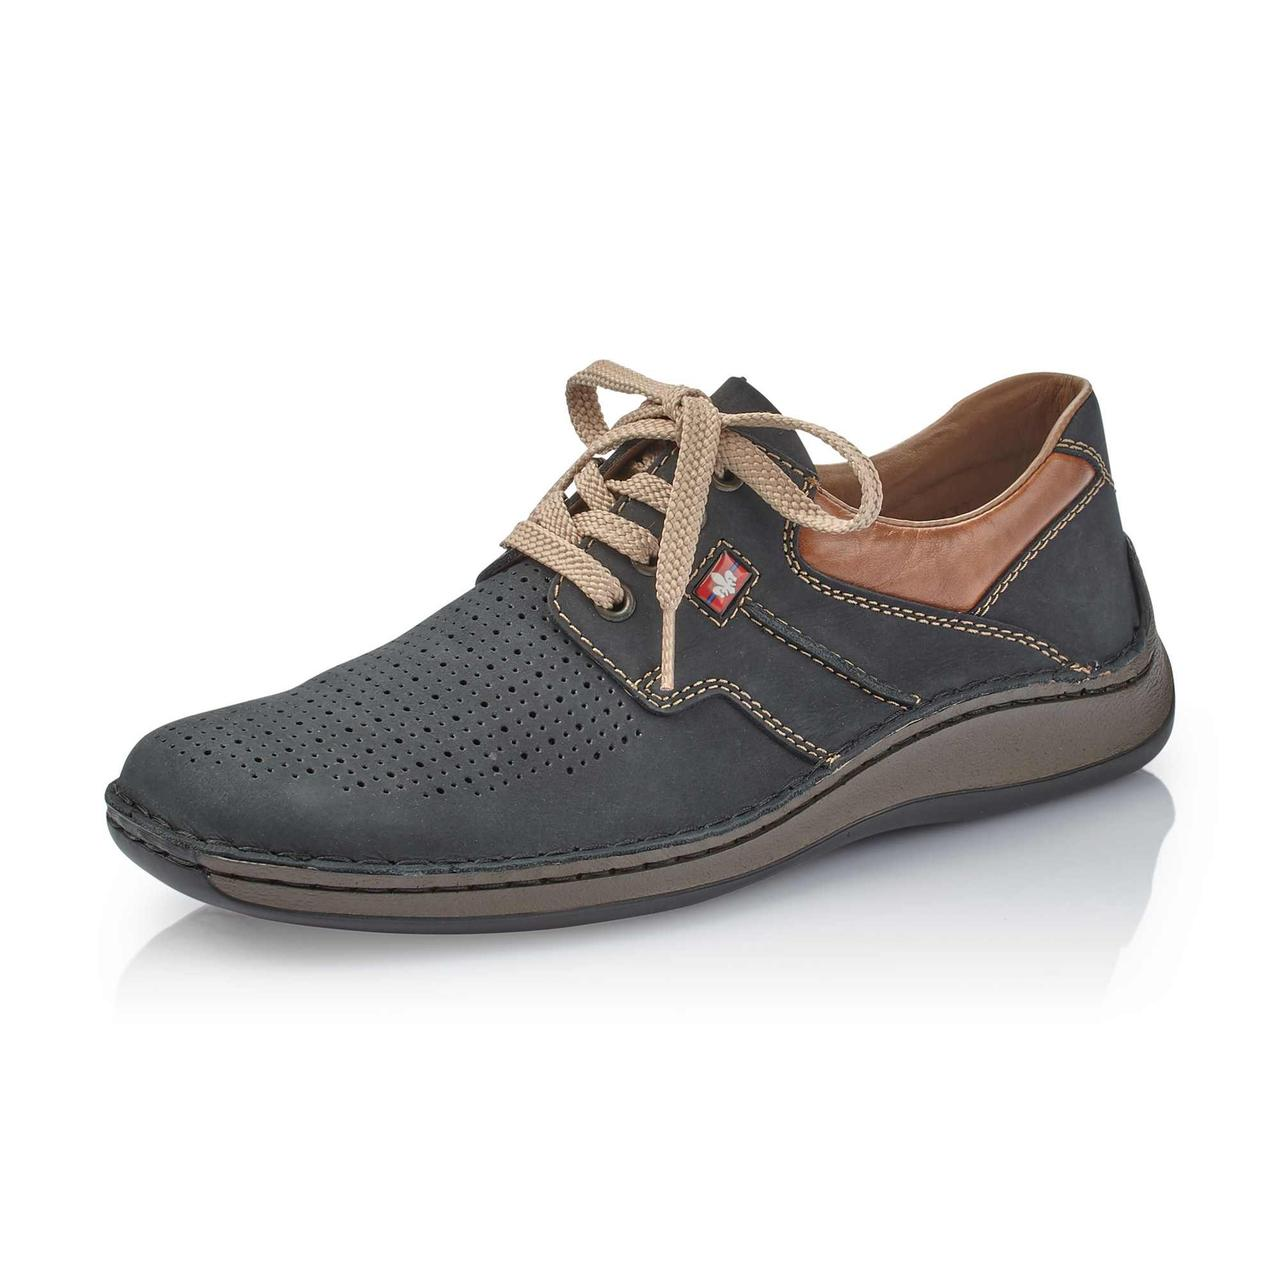 041303e33 Мужские туфли RIEKER 05207-14, цена 1 997,50 грн., купить в ...